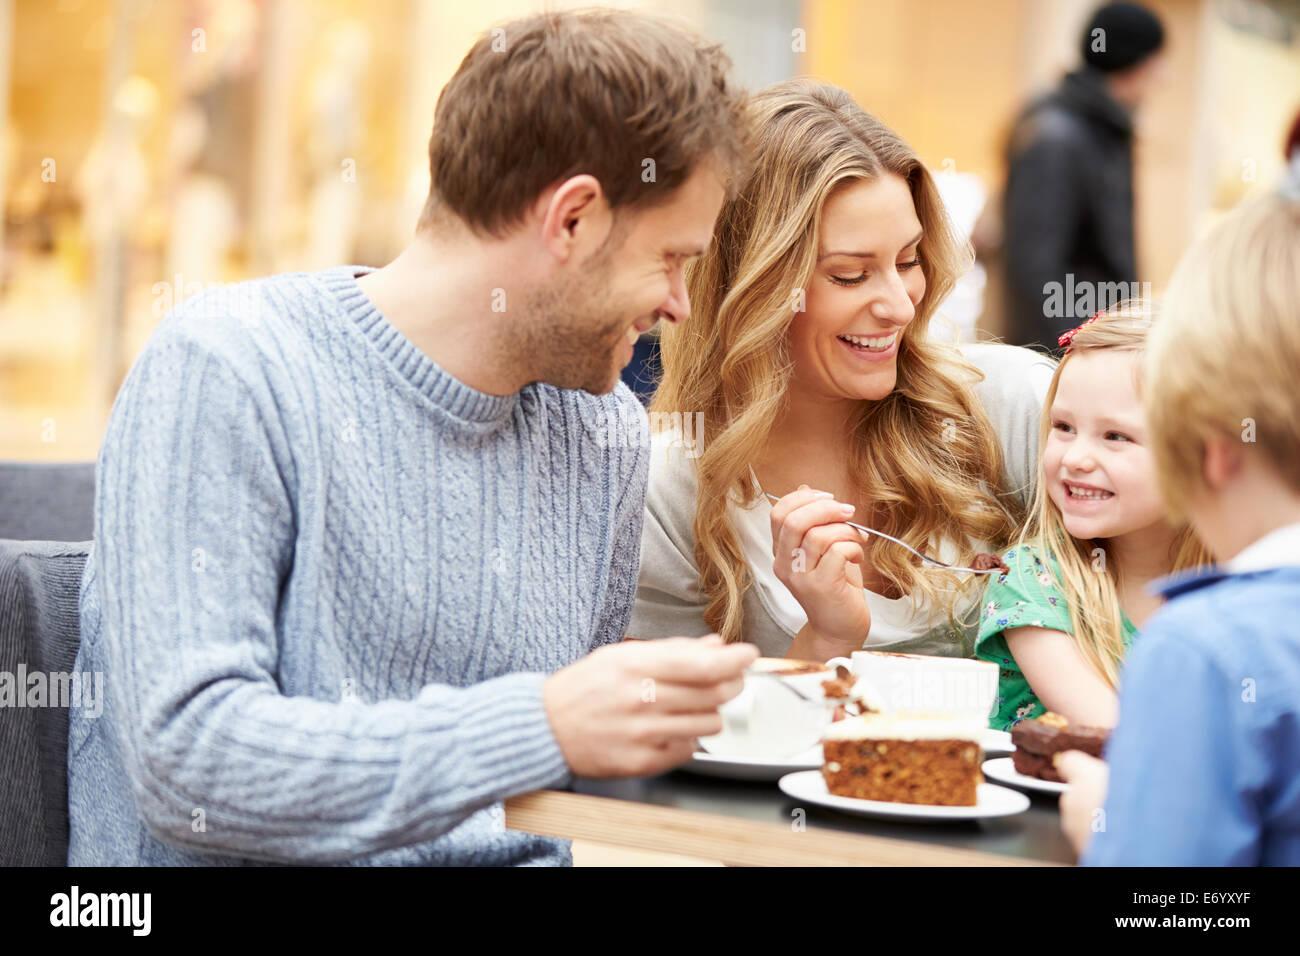 Famiglia gustando uno spuntino nella caffetteria insieme Immagini Stock